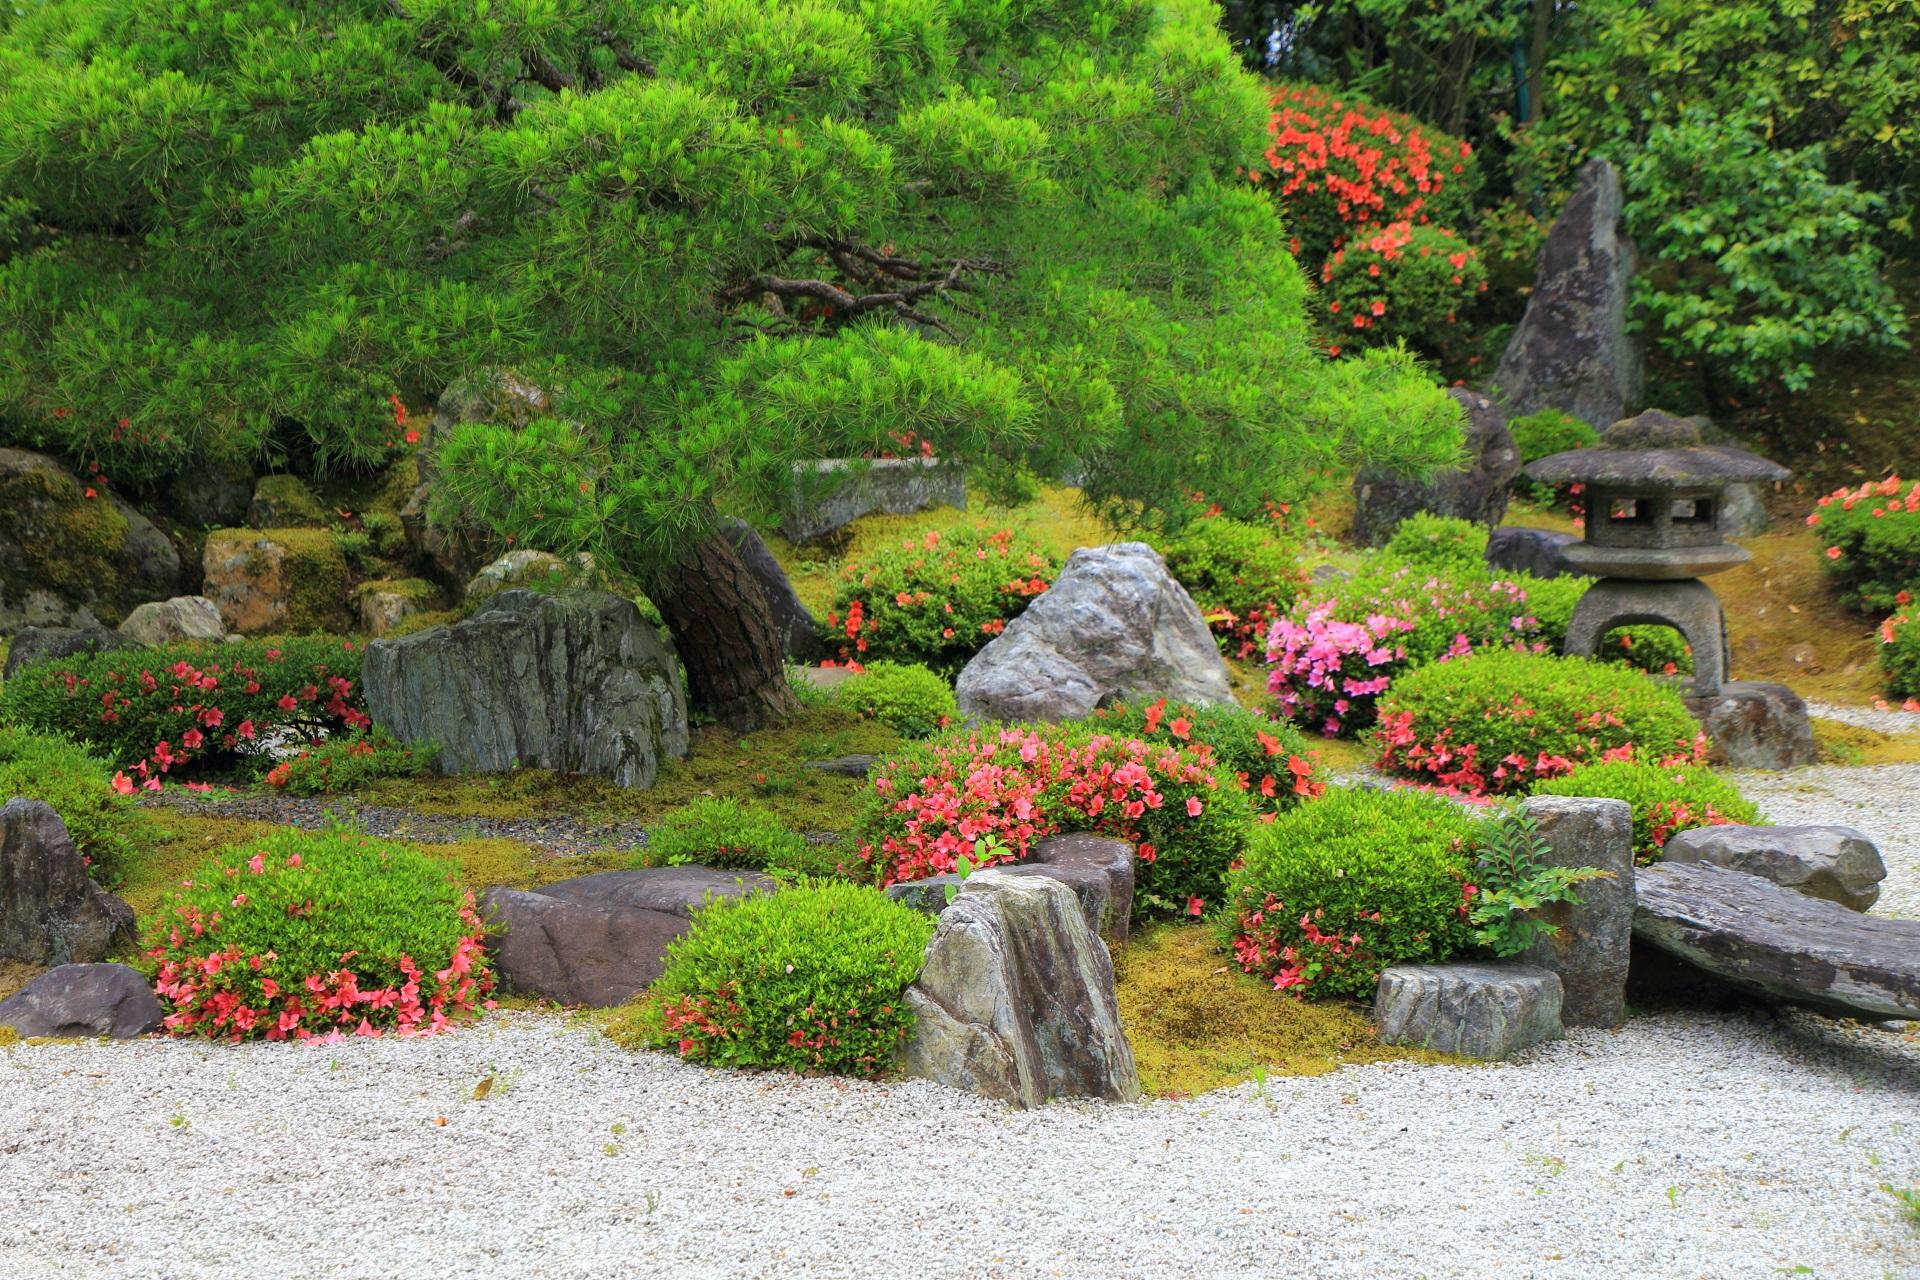 風情の中にも華やかさが散りばめられている友禅苑